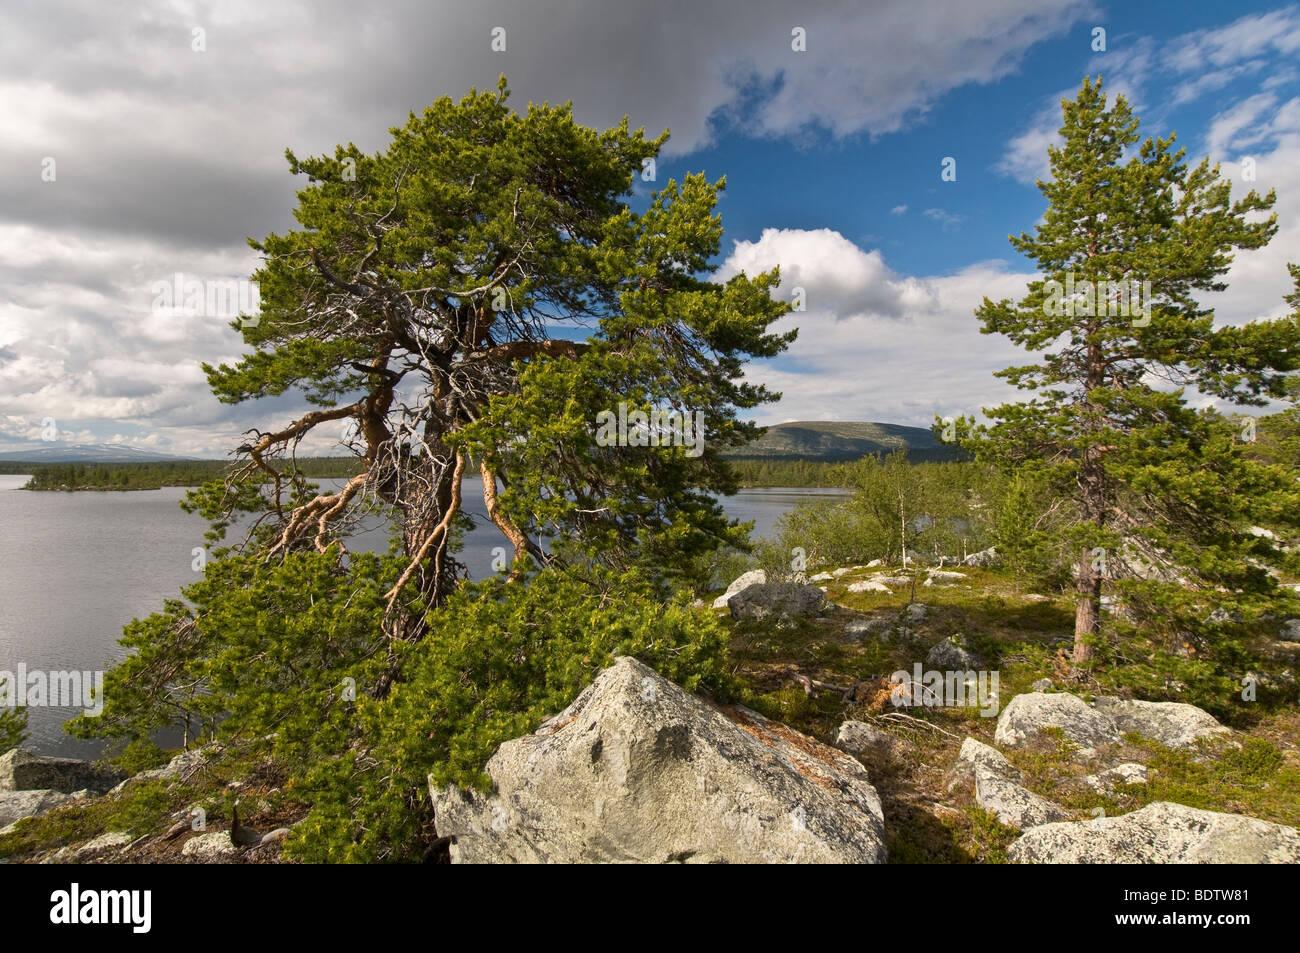 kiefer am see rogen, naturreservat rogen, haerjedalen, schweden, pine tree at lake rogen, nature reserve, sweden - Stock Image